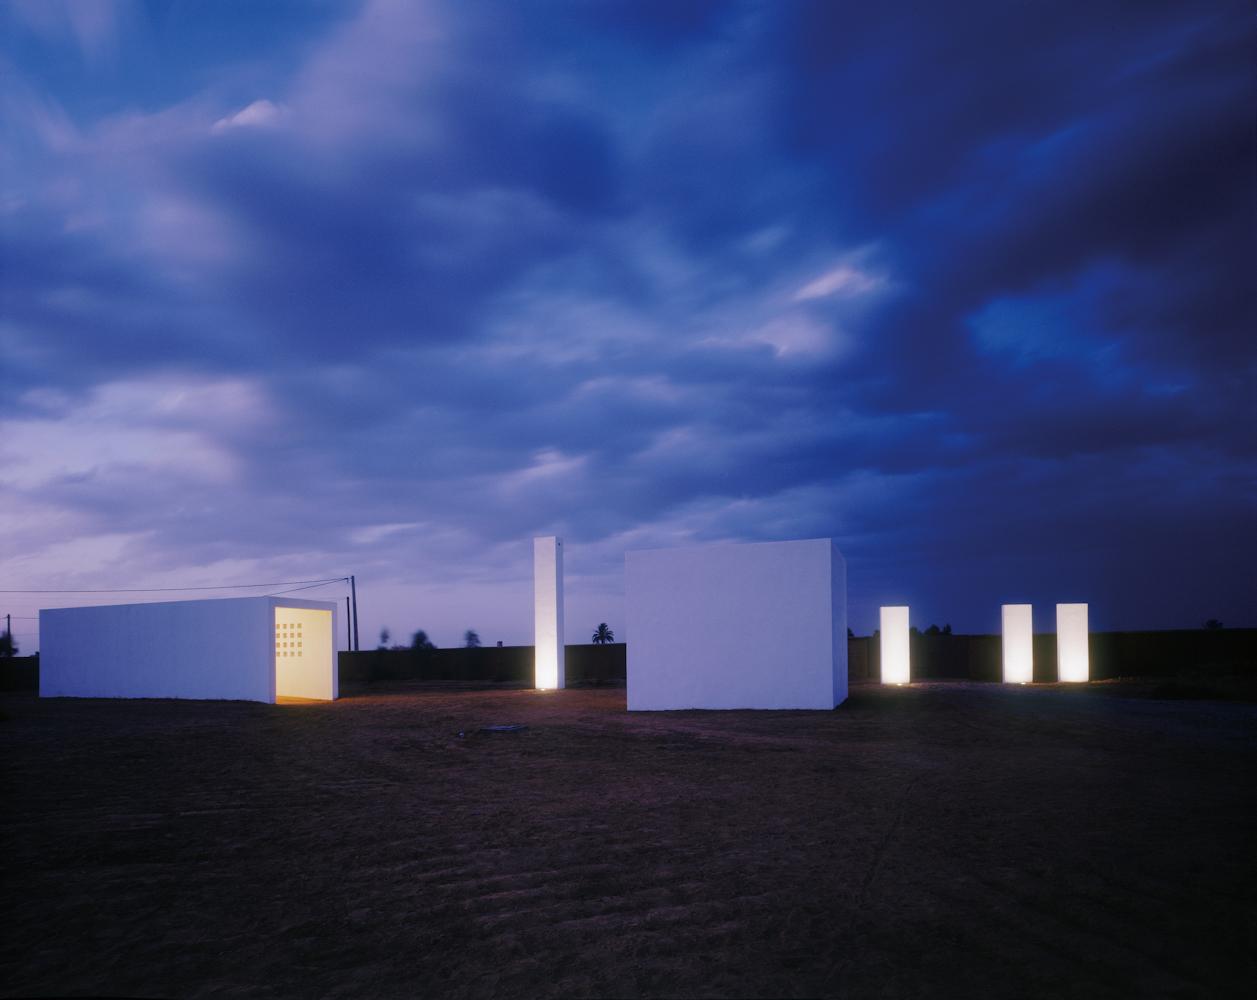 Goście pustyni [zdjęcia]